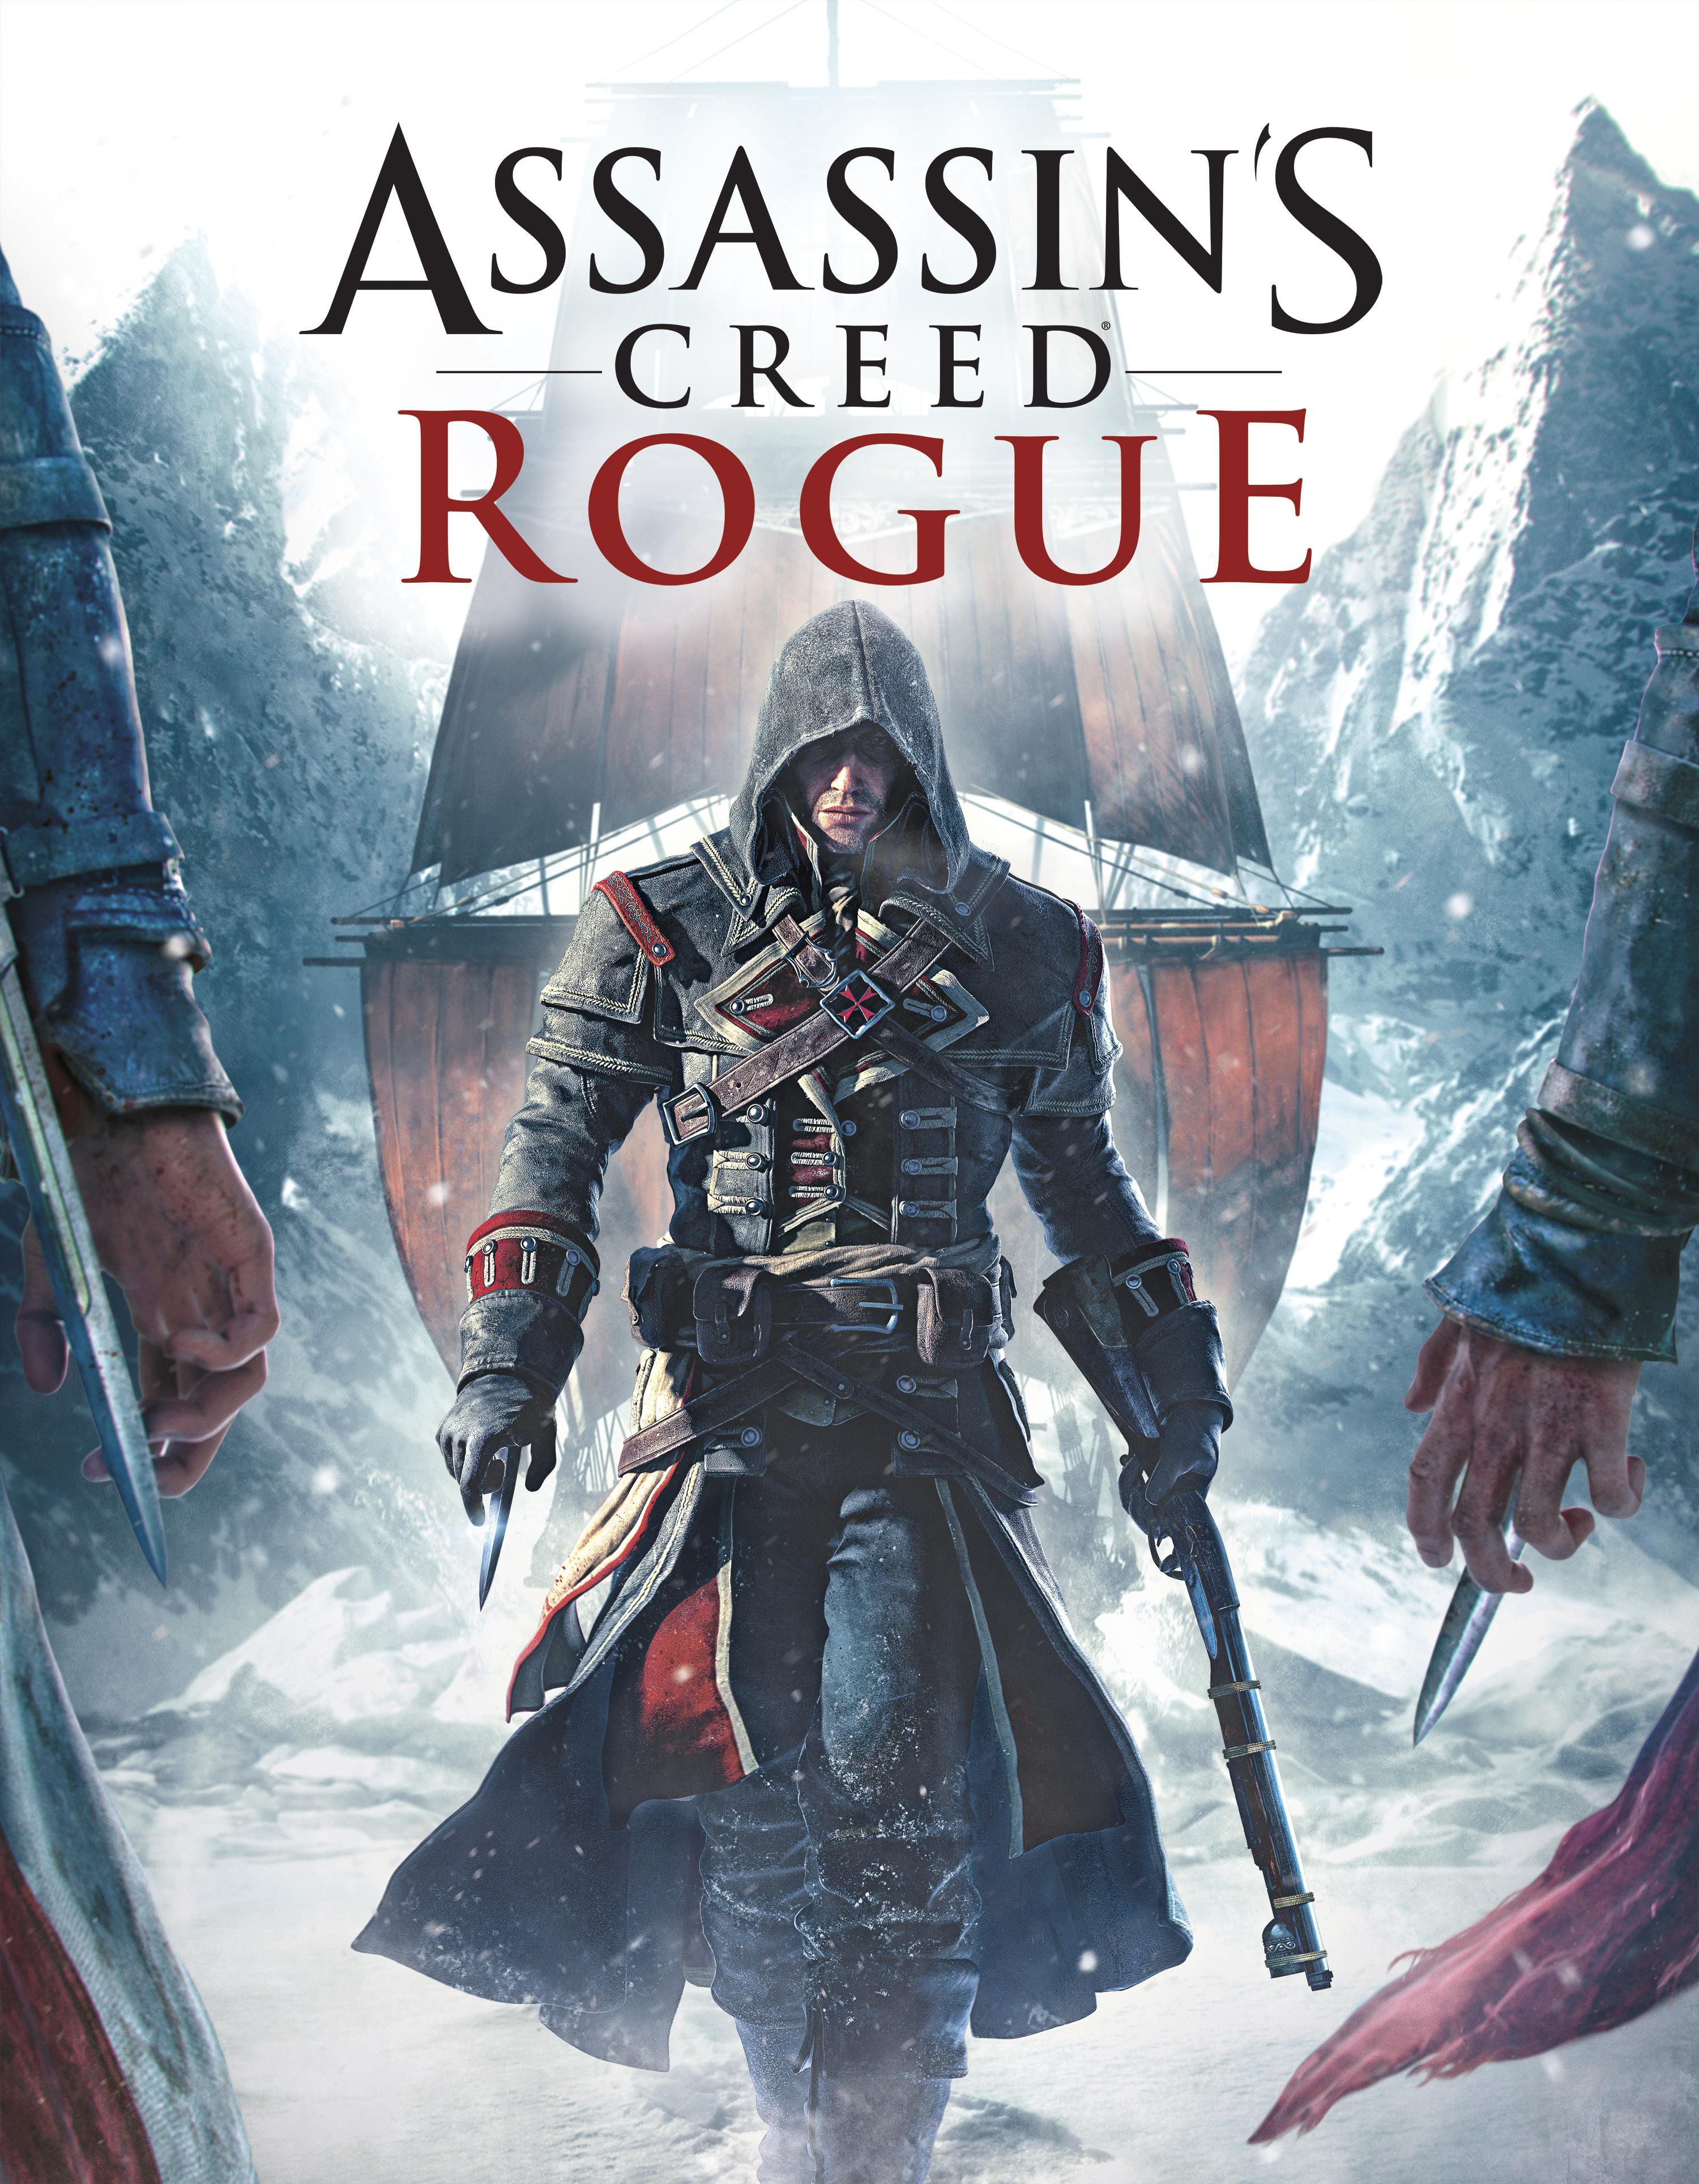 Assassin's Creed Rogue Hikaye Tanıtımı [Türkçe Altyazılı]